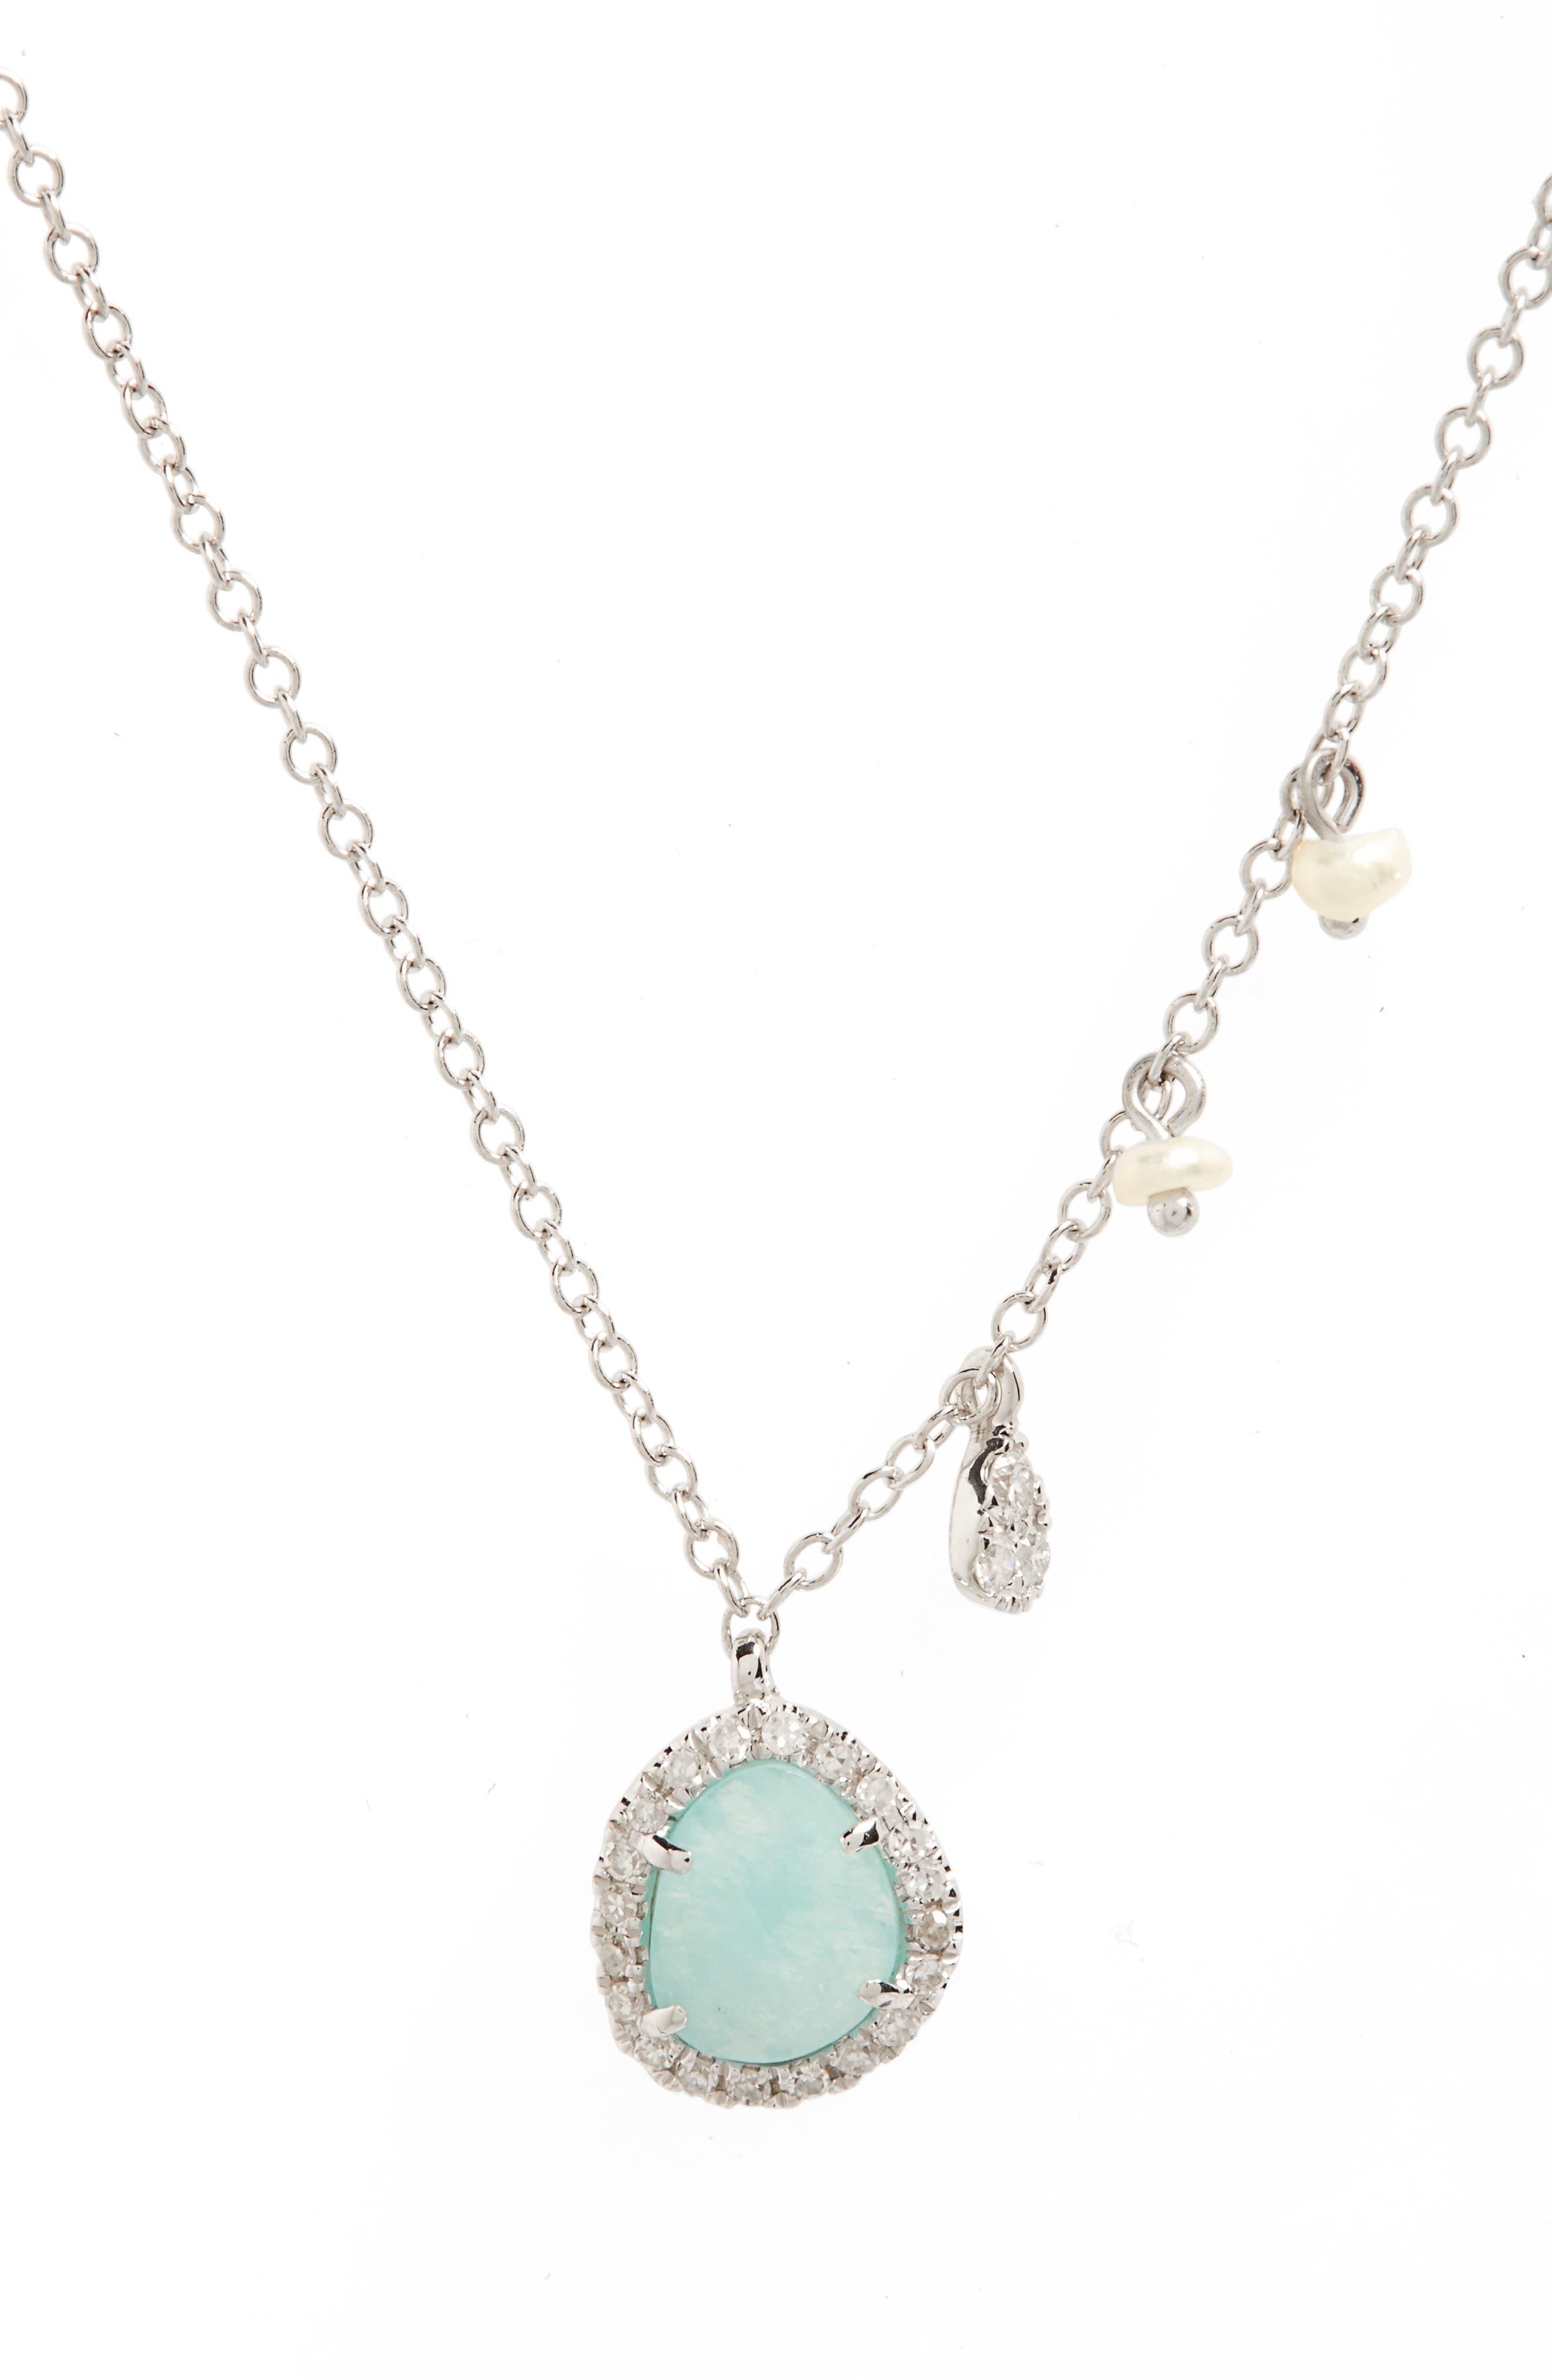 Mini Stone Diamond Pendant Necklace,                         Main,                         color, White Gold/ Amazonite